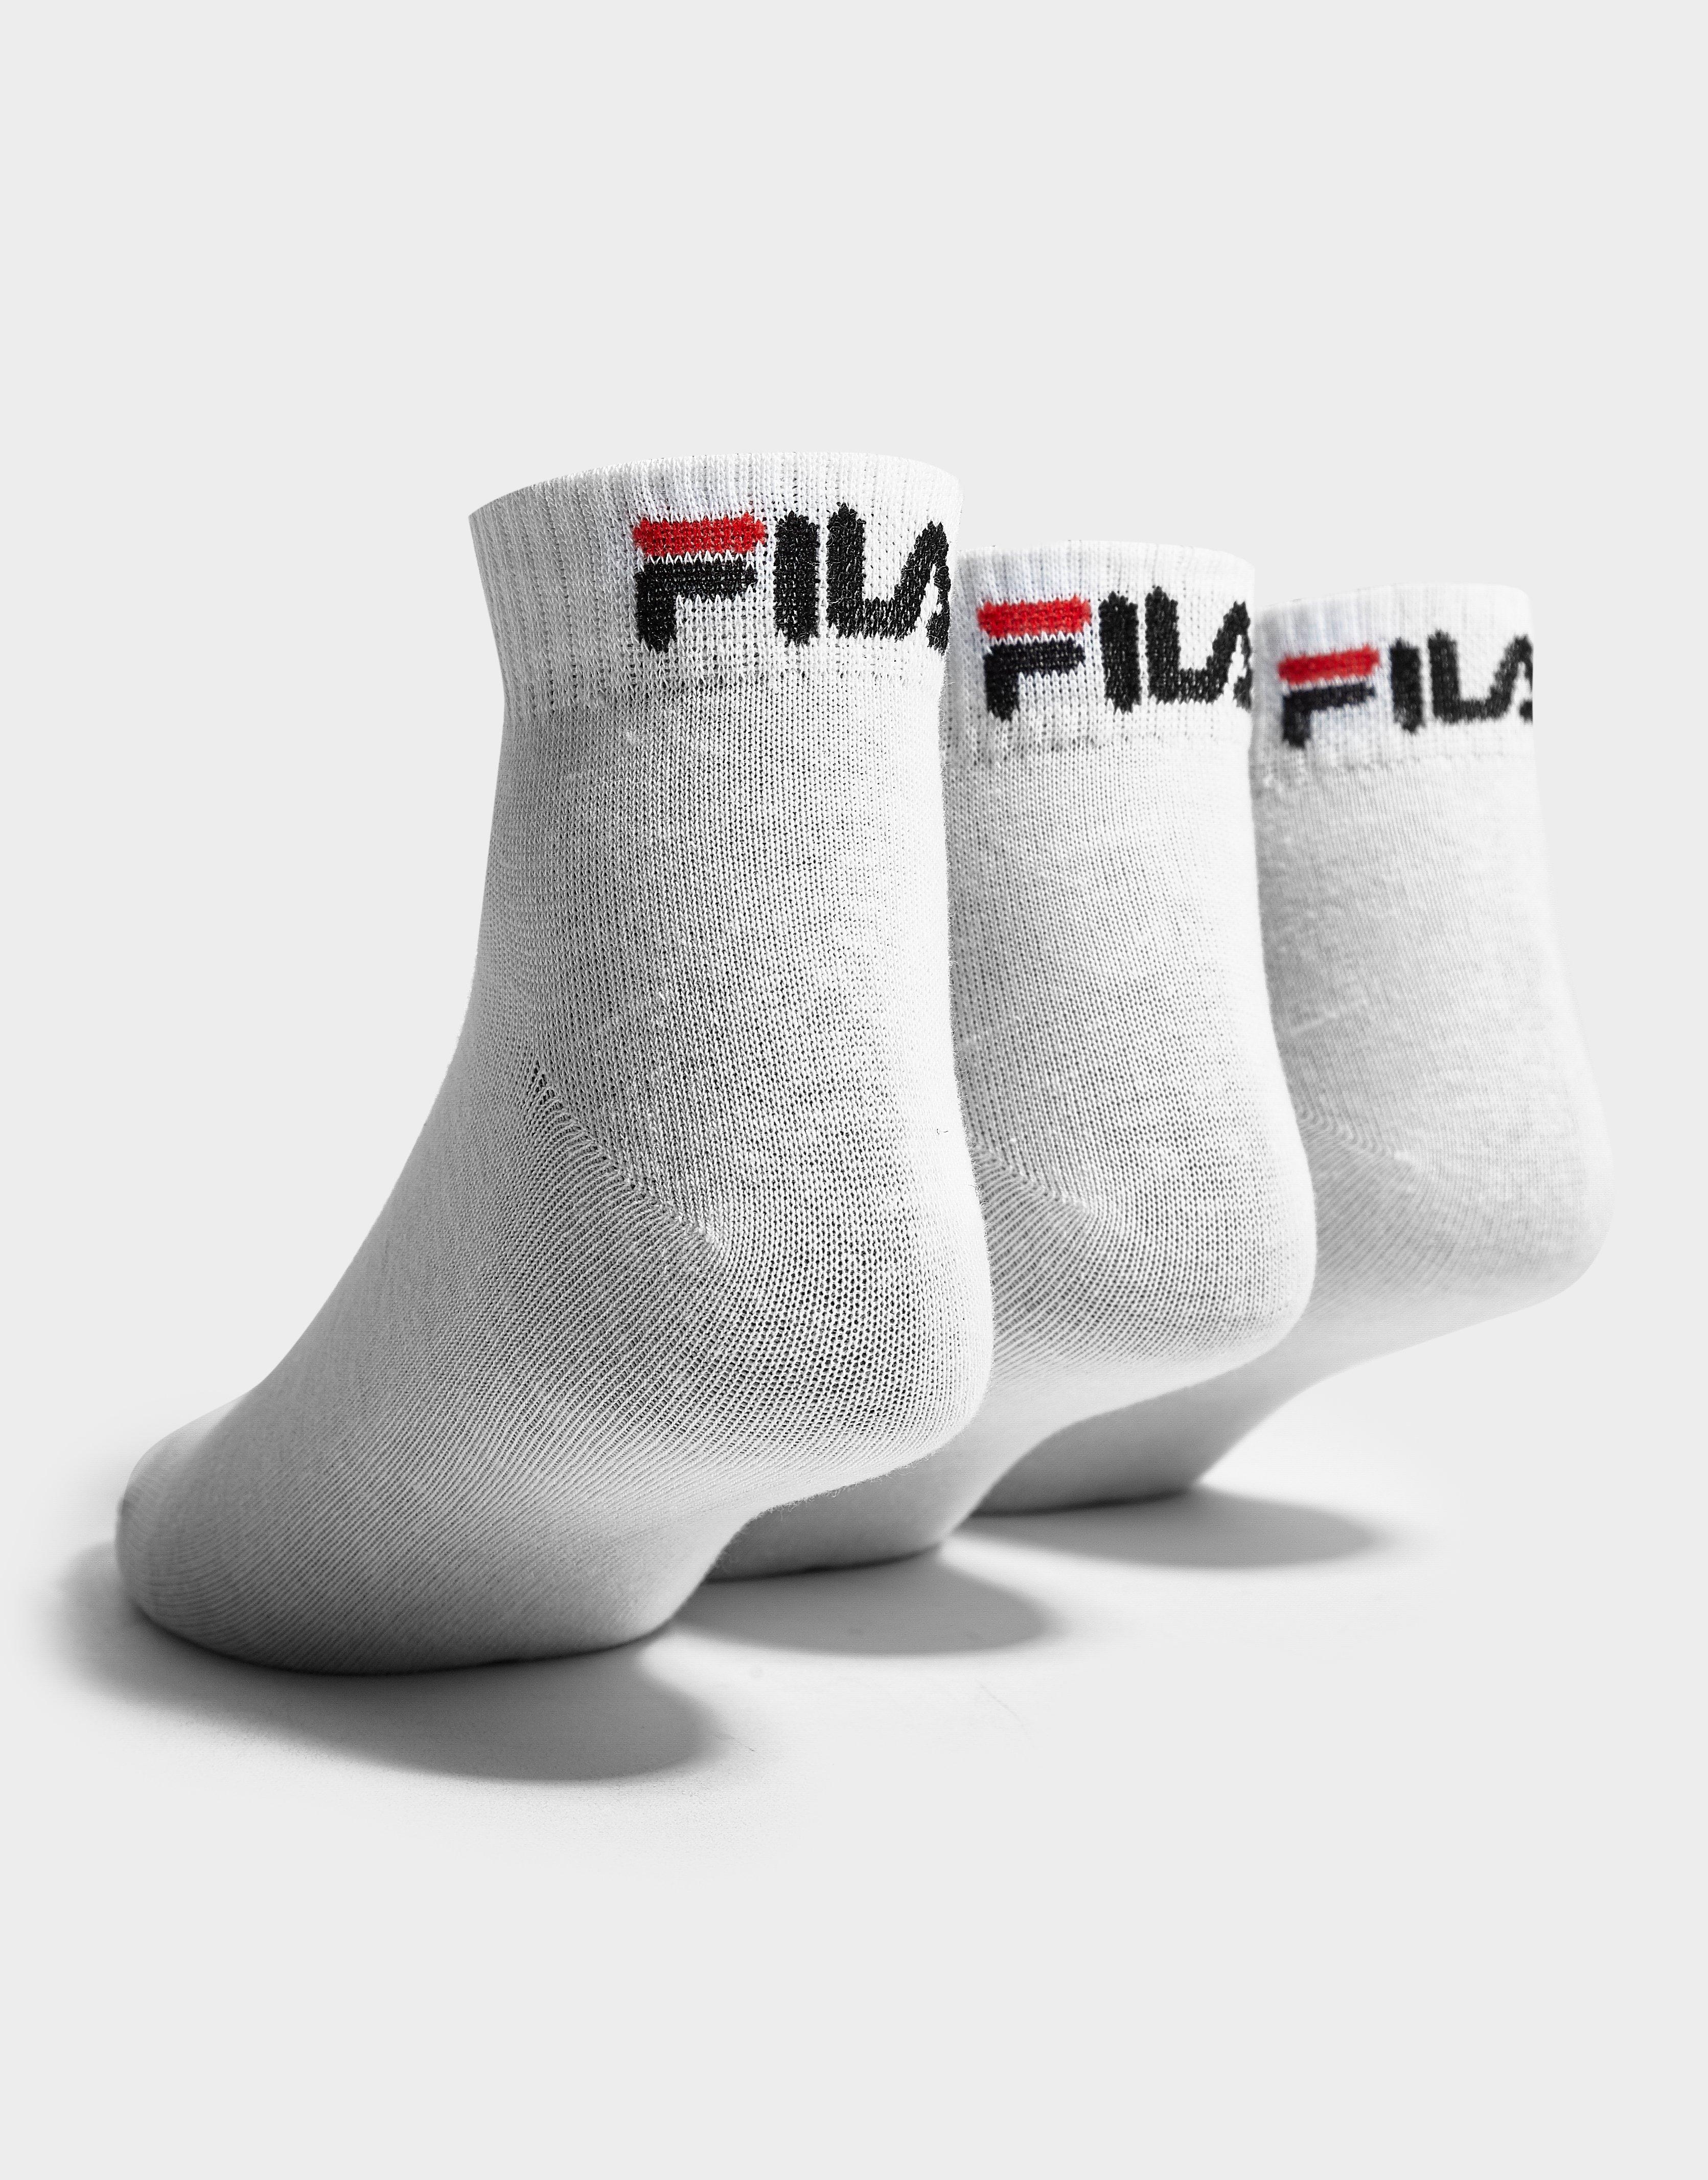 37b0ff63b New Fila Men s 3-Pack Quarter Footwear Accessories Socks White